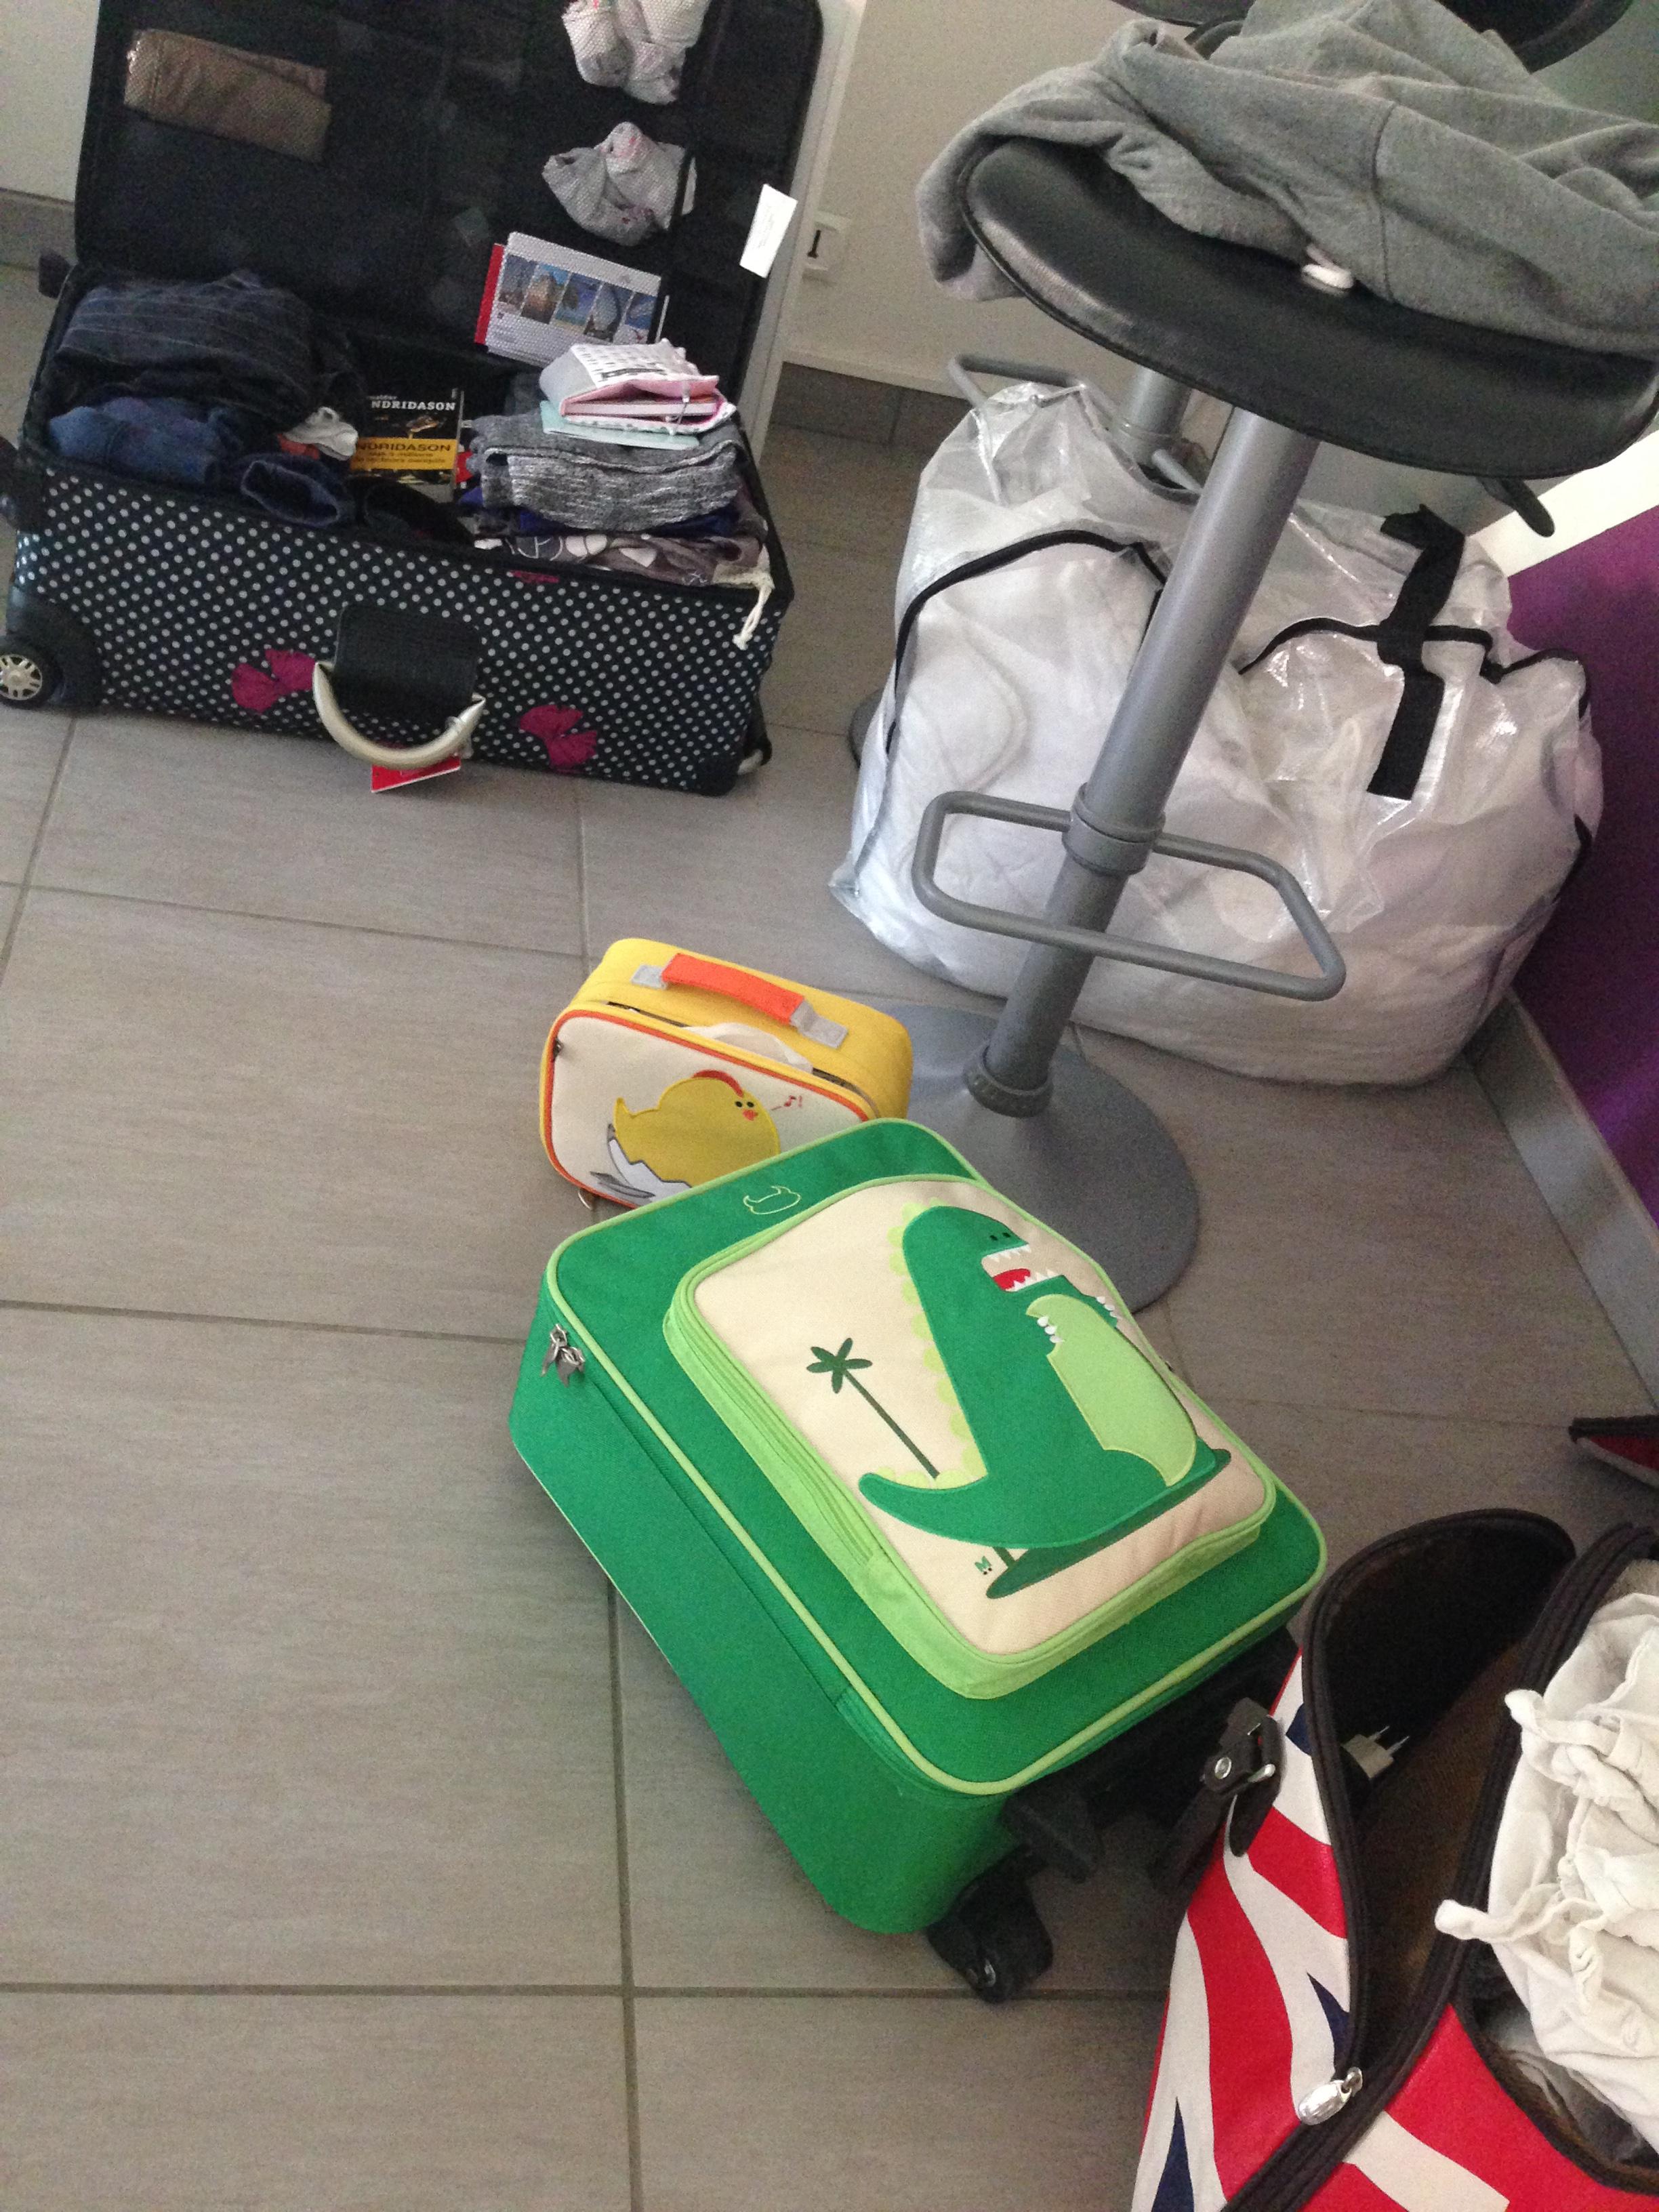 beatrix-france-valise-sac-bagage-lunch-box-valisette-boite-voyage-vacances-cartable-ecole-pique-nique-dino-dinosaure-poussin-fille-garçon-couleur-illustration-solide-pratique-10